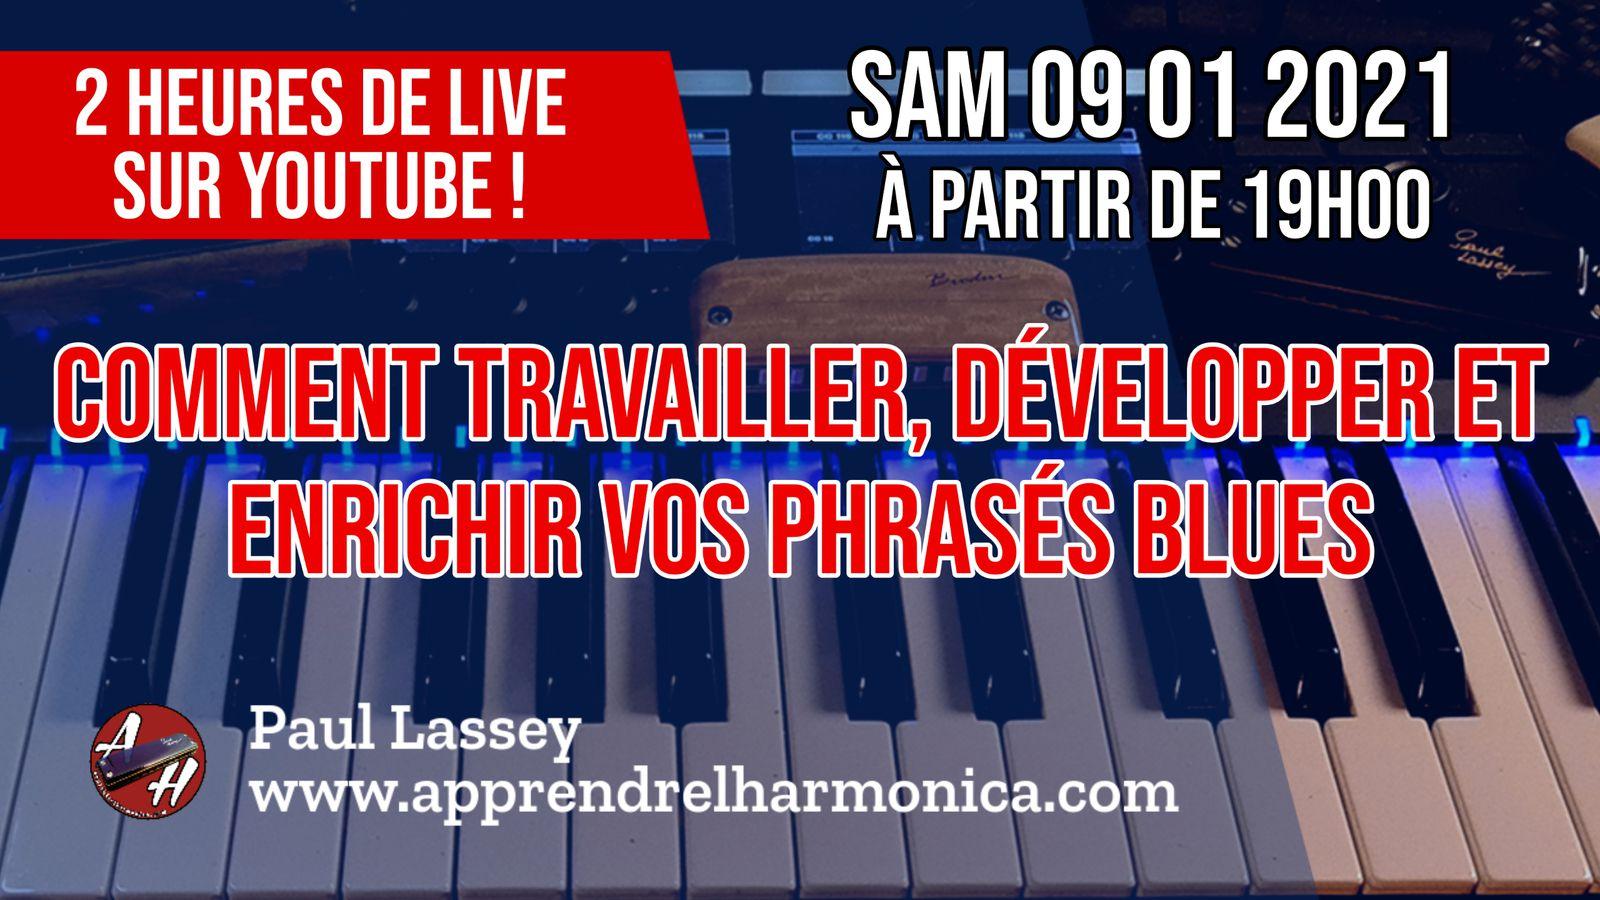 Live Stream - 09 01 2021 - Comment travailler, développer et enrichir vos phrasés blues